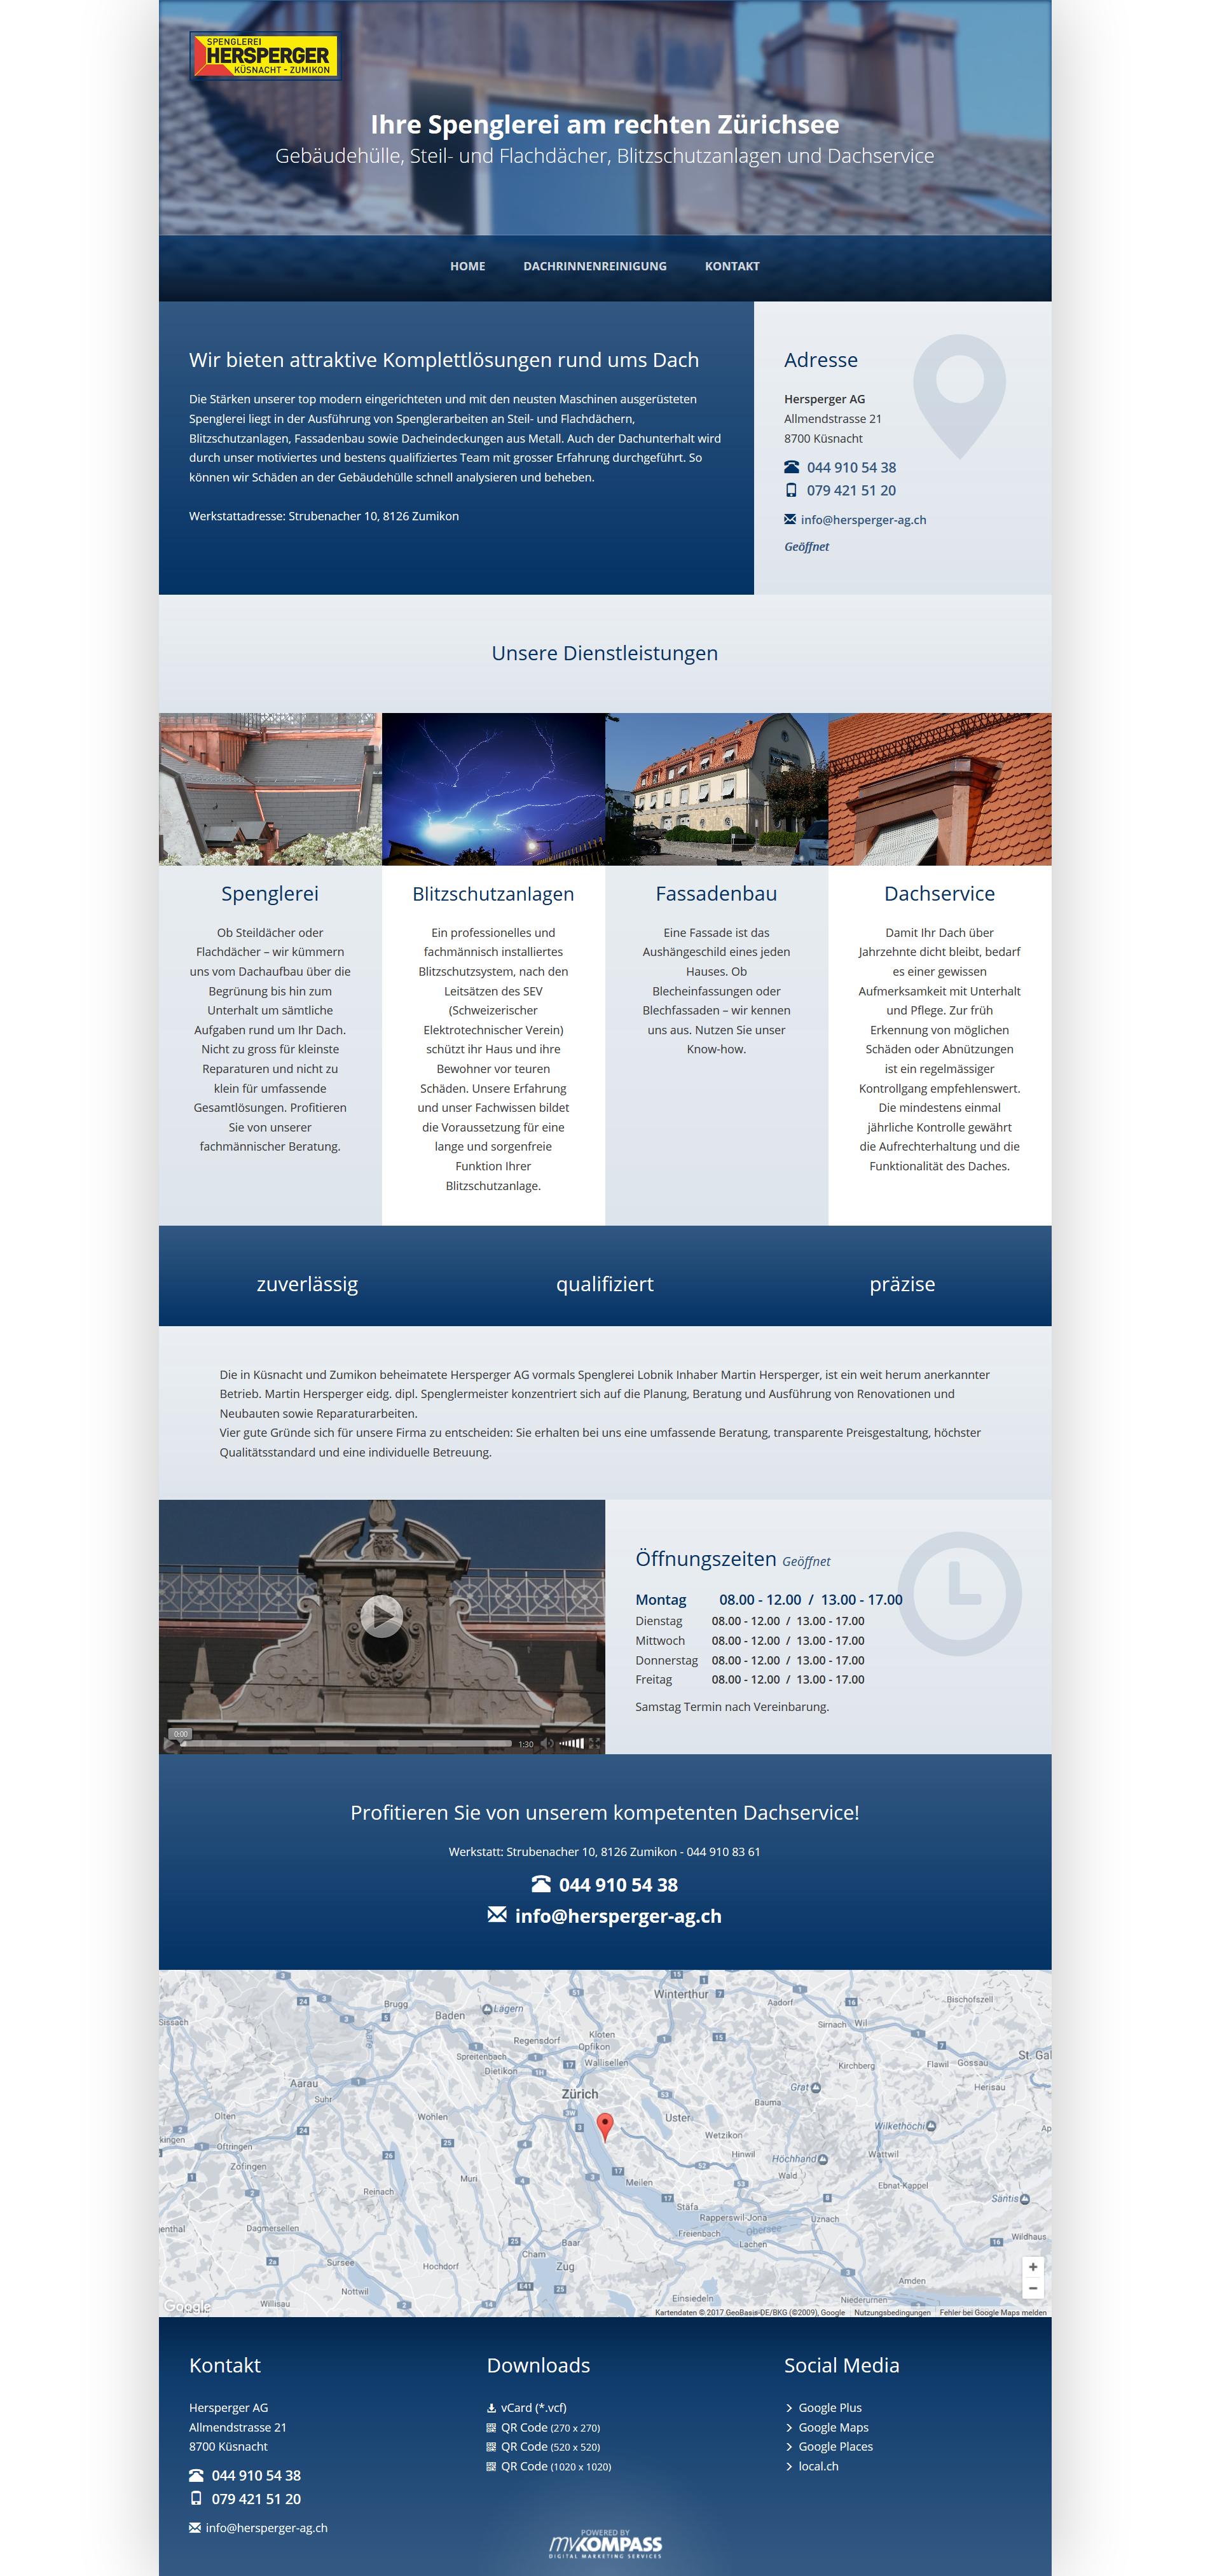 ^ 1000+ ideas about Fassadenbau on Pinterest Metallbau, Holzbau ...